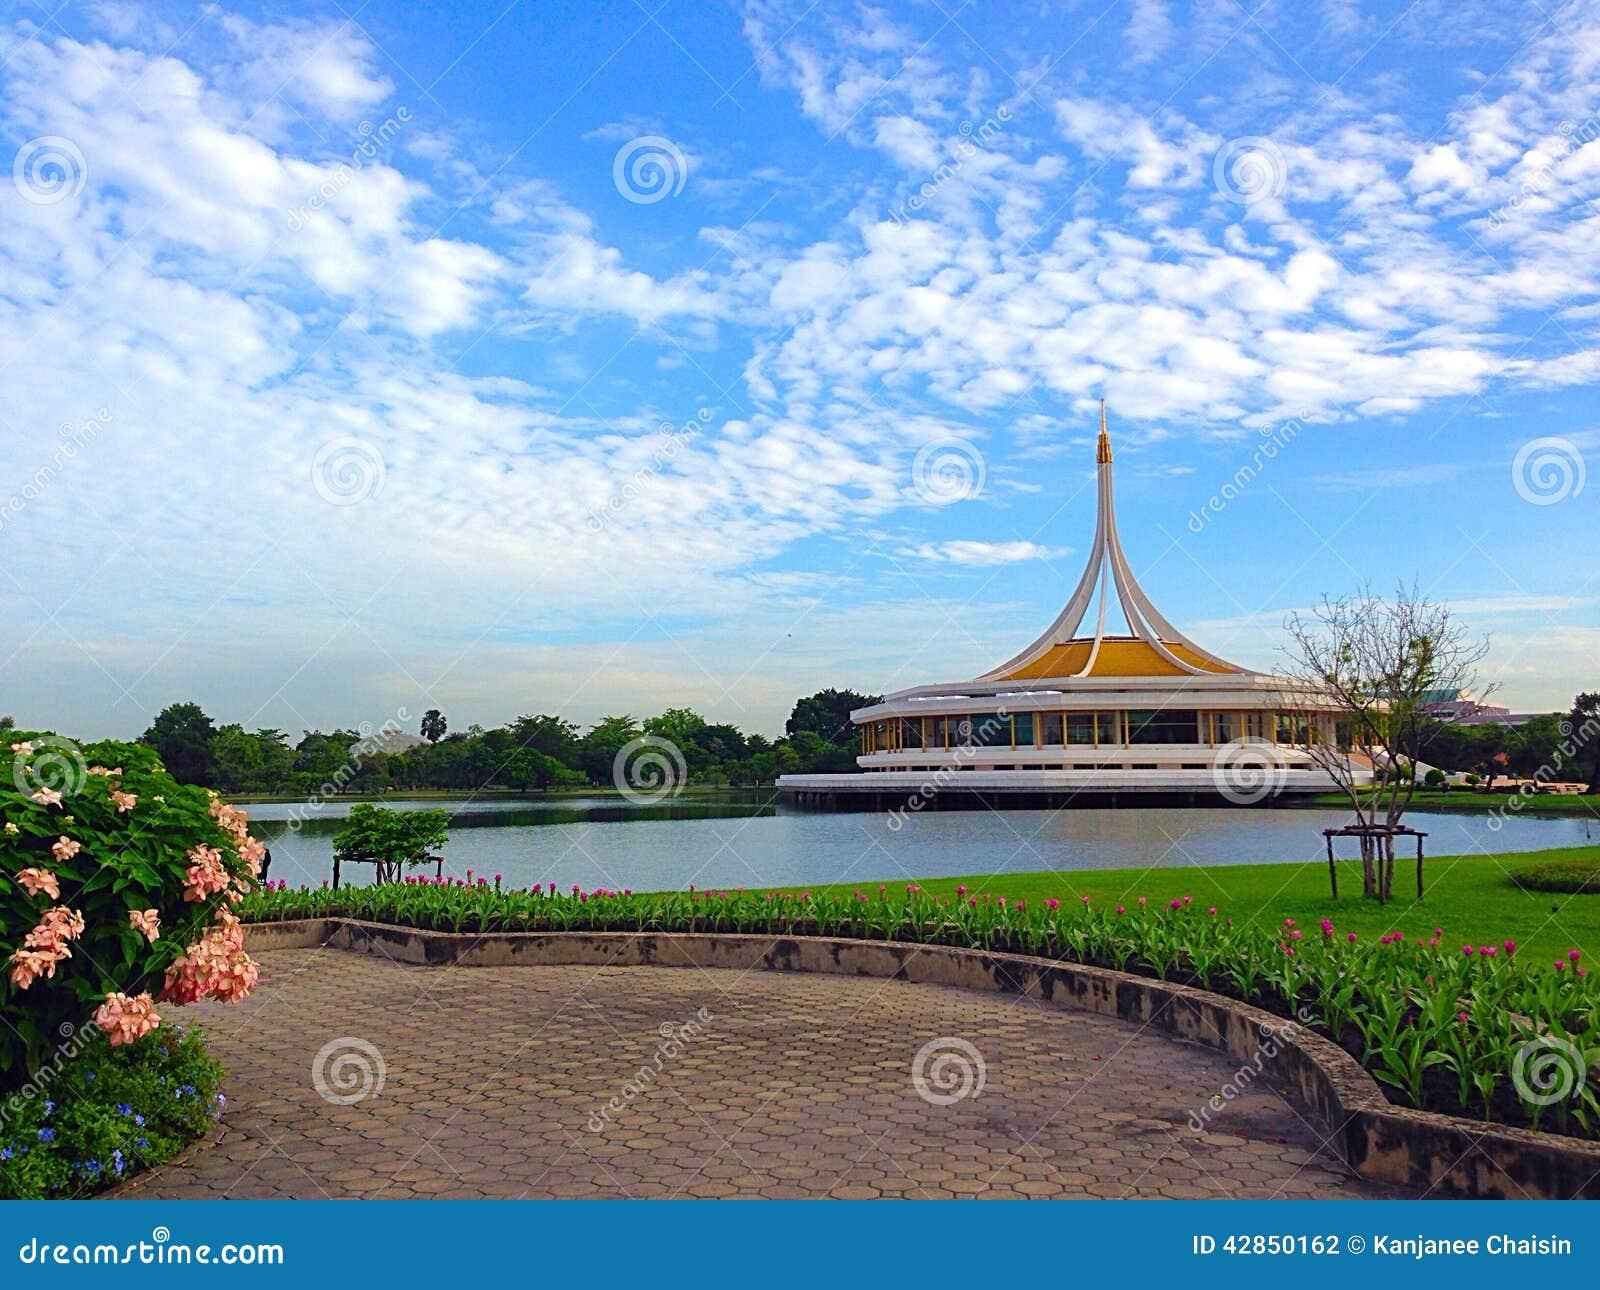 suan luang rama 9 park bangkok bank